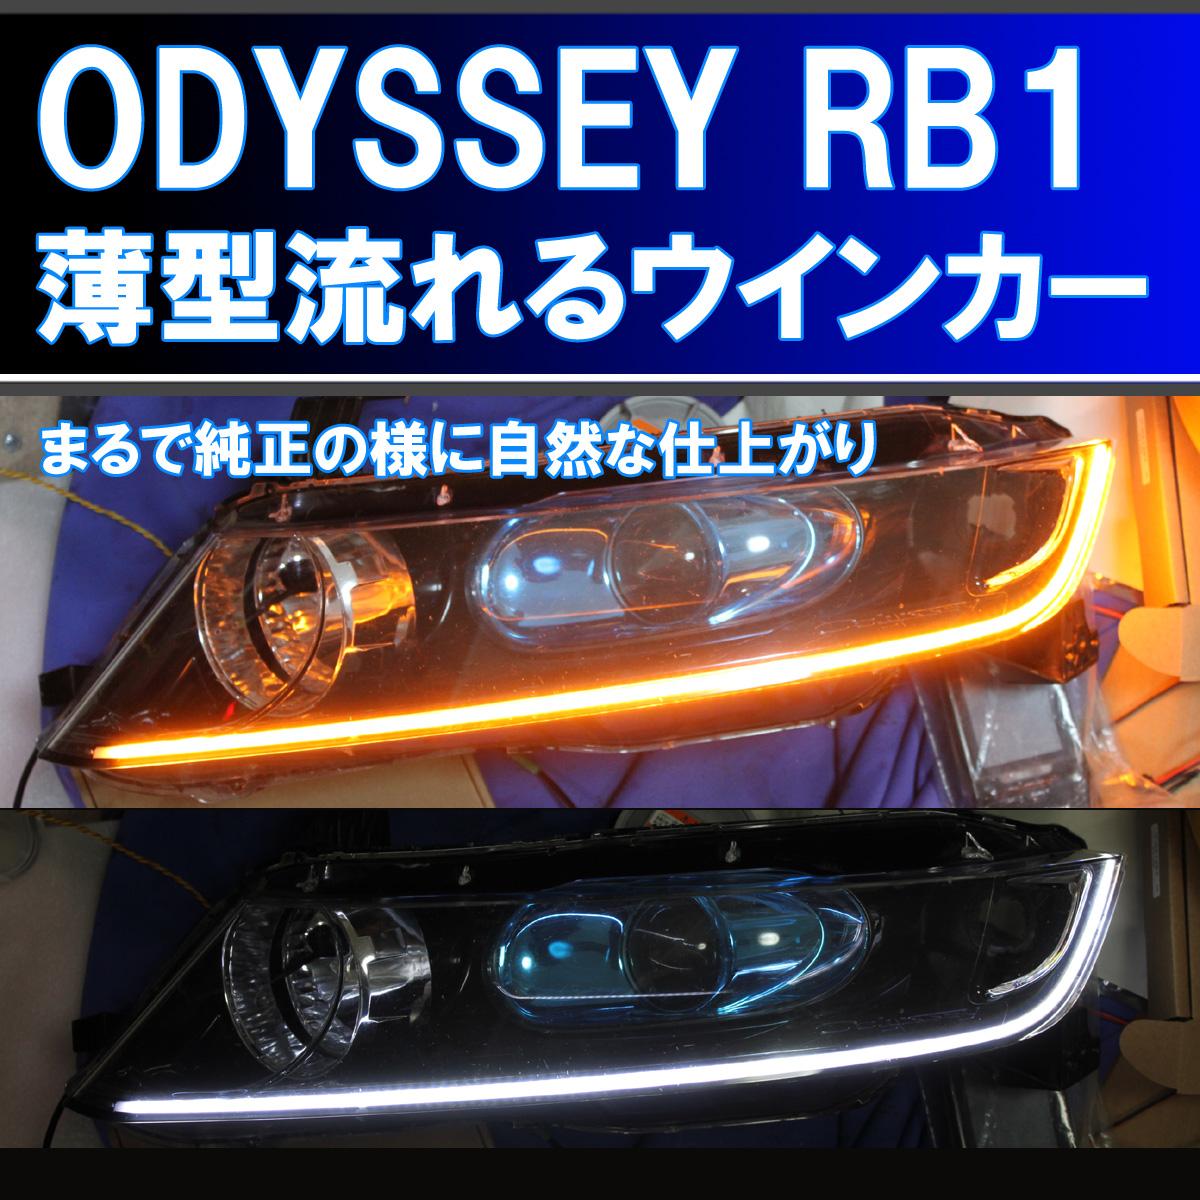 ★オデッセイ RB1 RB2 前期、後期 薄型シーケンシャルウインカー 過去最高に美しいです アイライン 流れるウインカー デイライト ホンダ